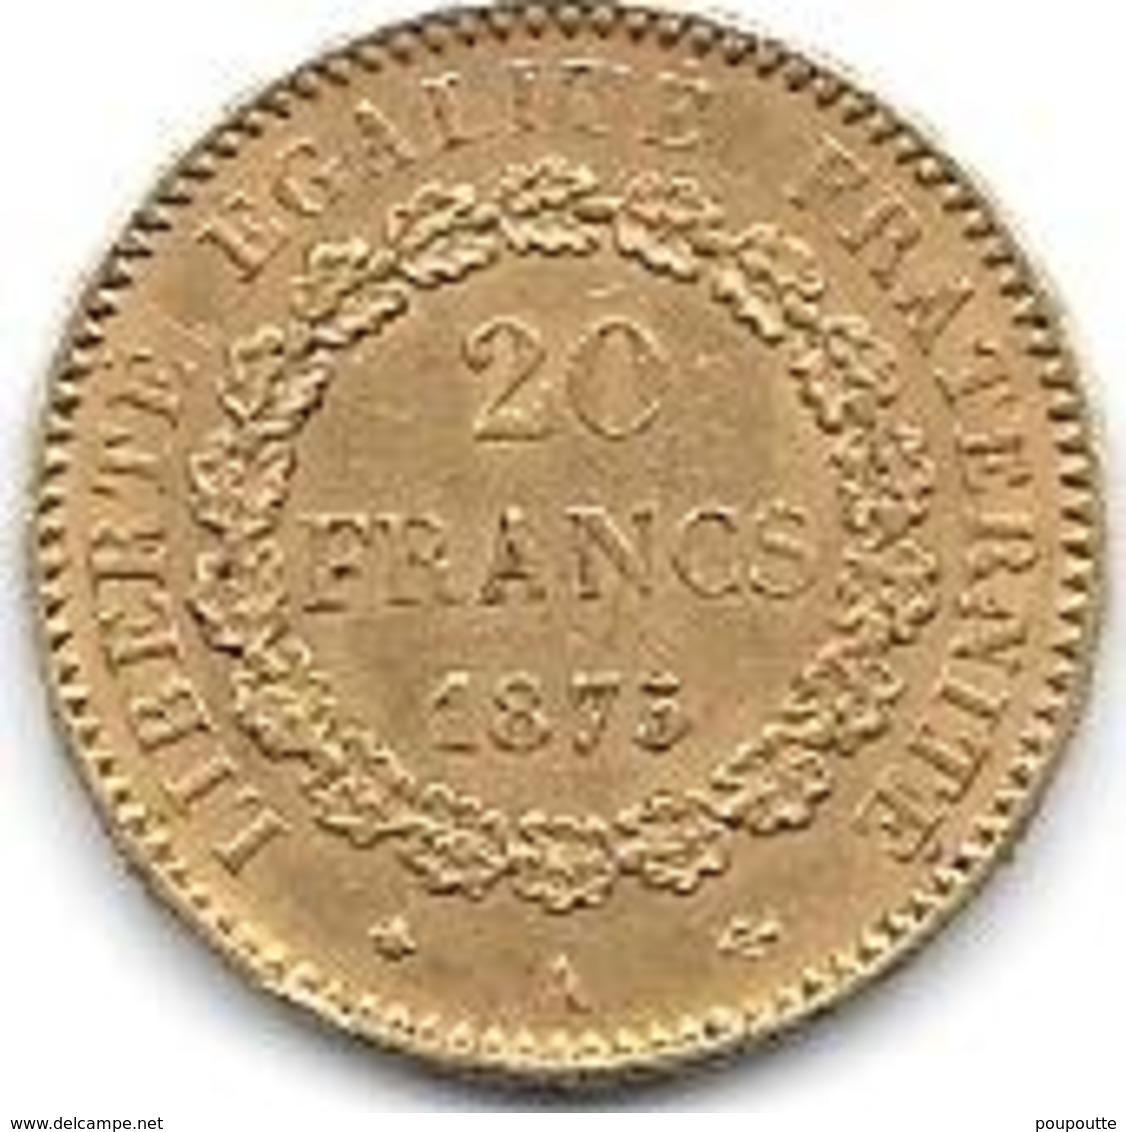 20 Frs OR FRANCE TYPE GENIE DEBOUT 1875 - Goud